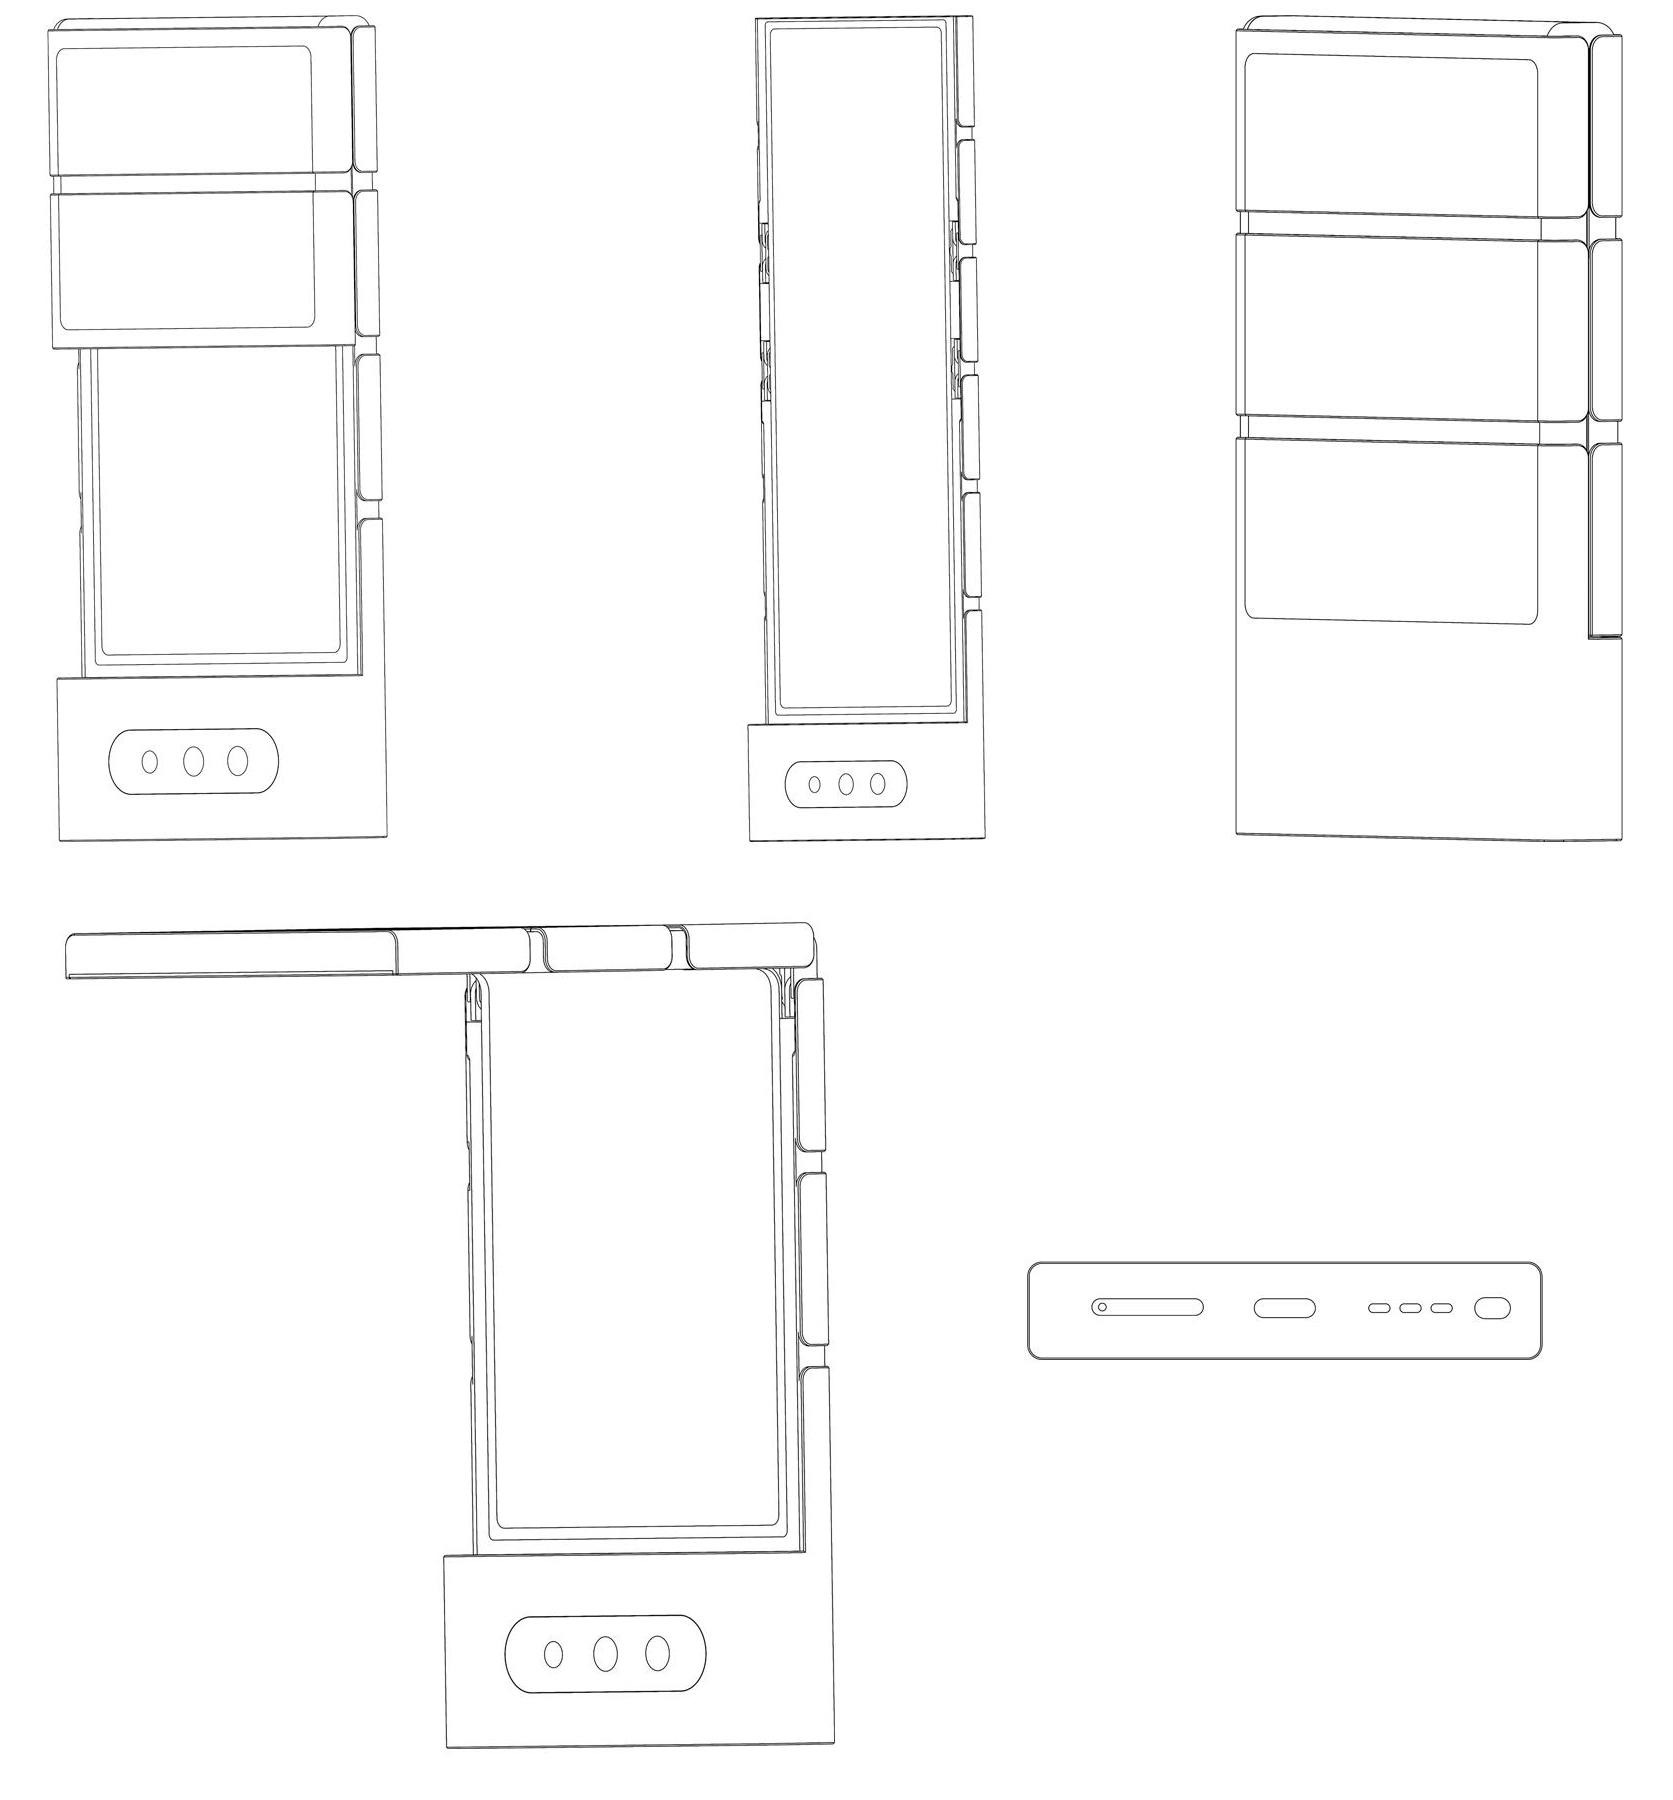 Oppo đang thử nghiệm các chiếc điện thoại có thể gập theo nhiếu cách